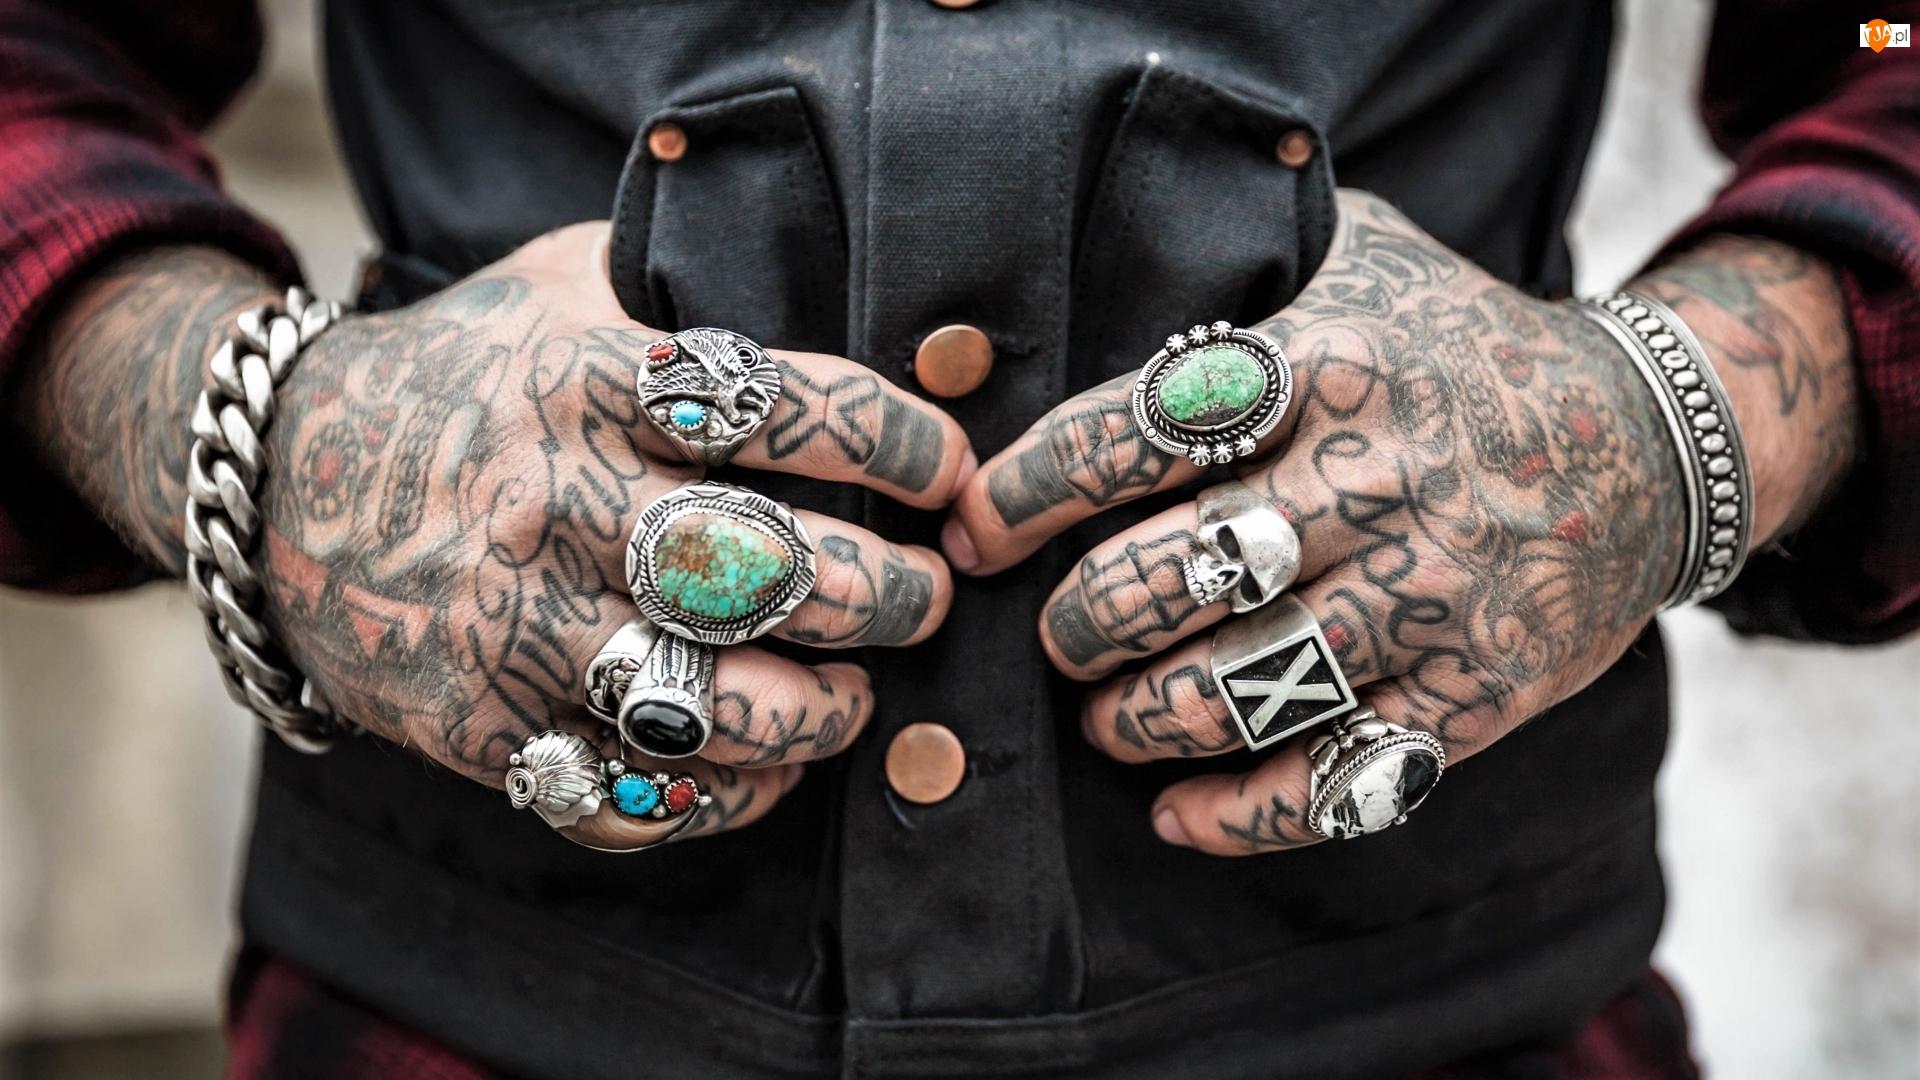 Ręce, Mężczyzna, Sygnety, Tatuaże, Dłonie, Biżuteria